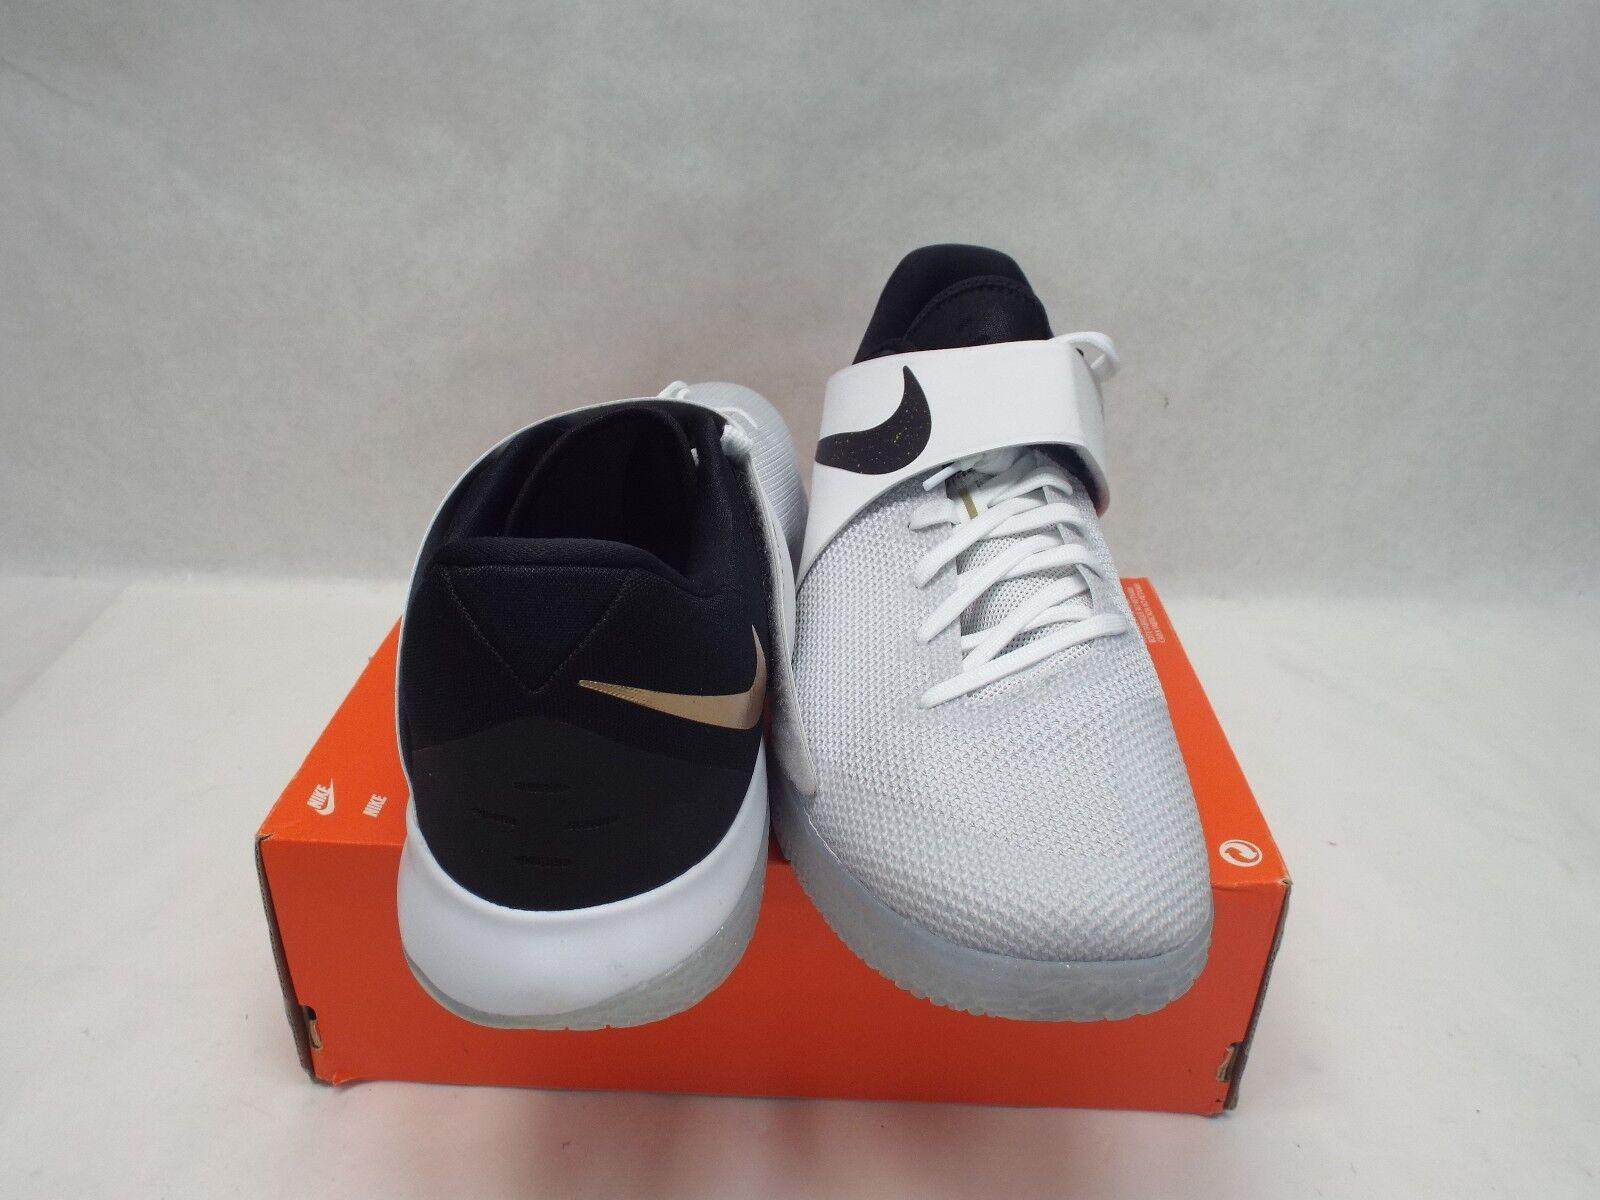 Nuevo hombre 17 NIKE Zapatos Negro Blanco 852421 Zoom Live Air 120 852421 Blanco -107 885ad7